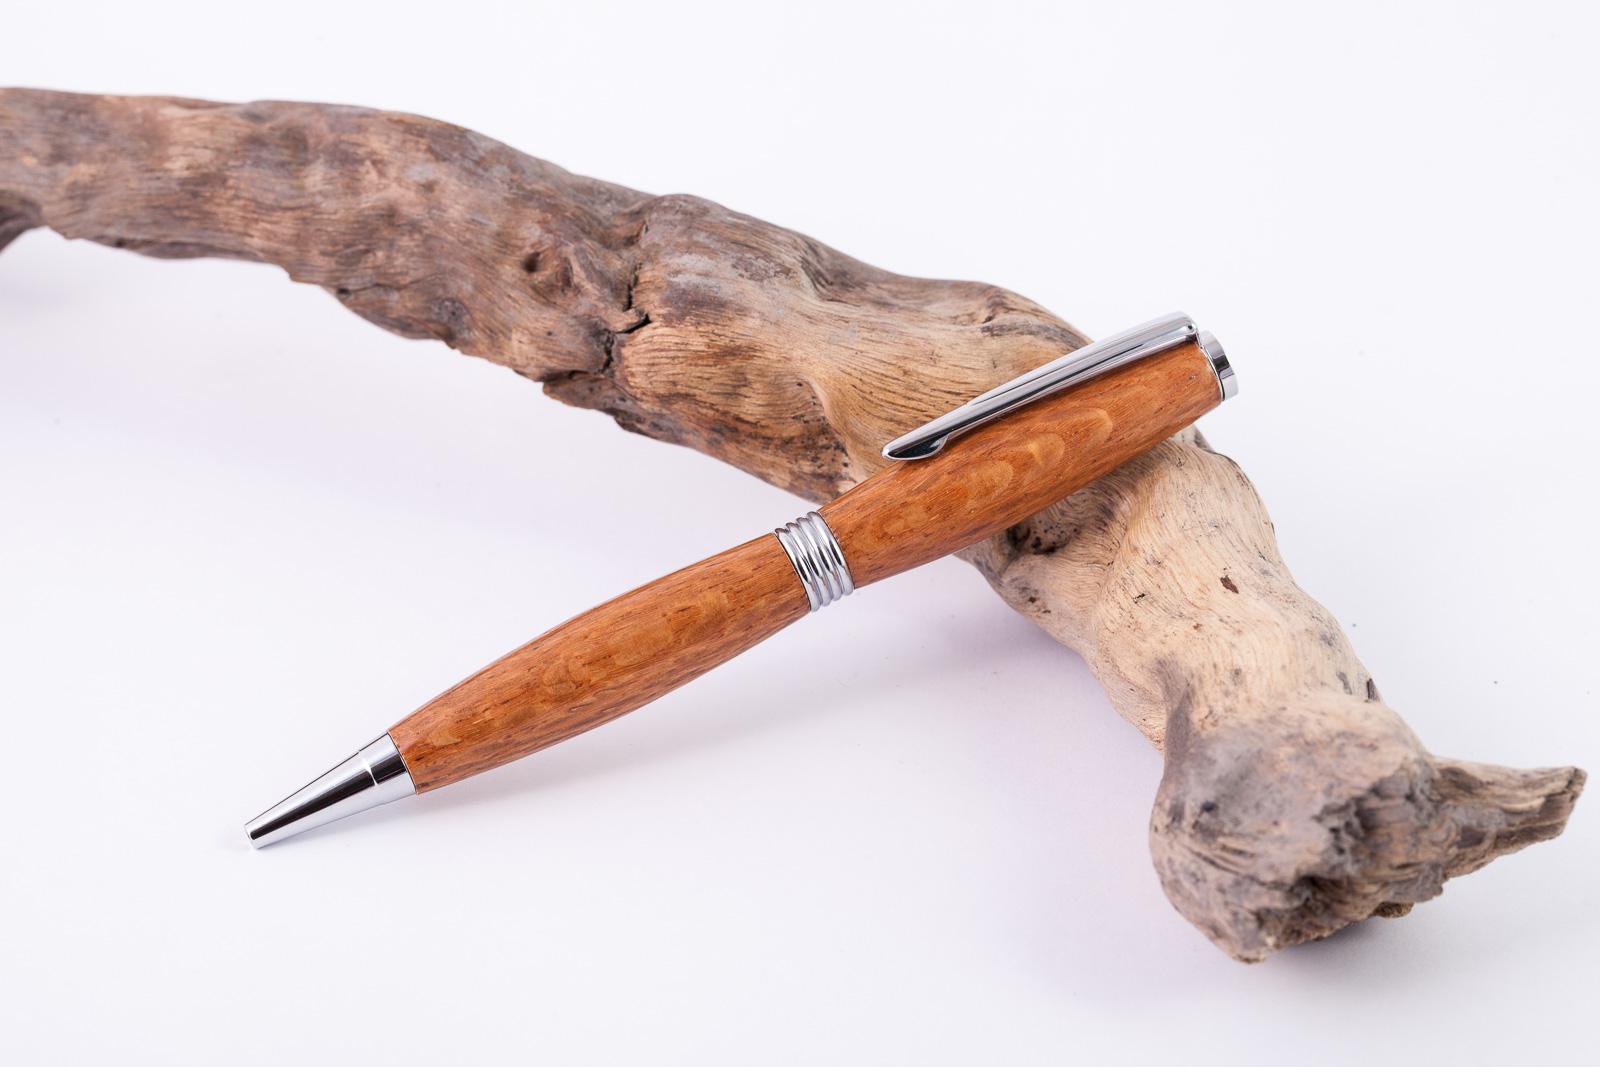 Holz-Dreh-Kugelschreiber-Perlholz